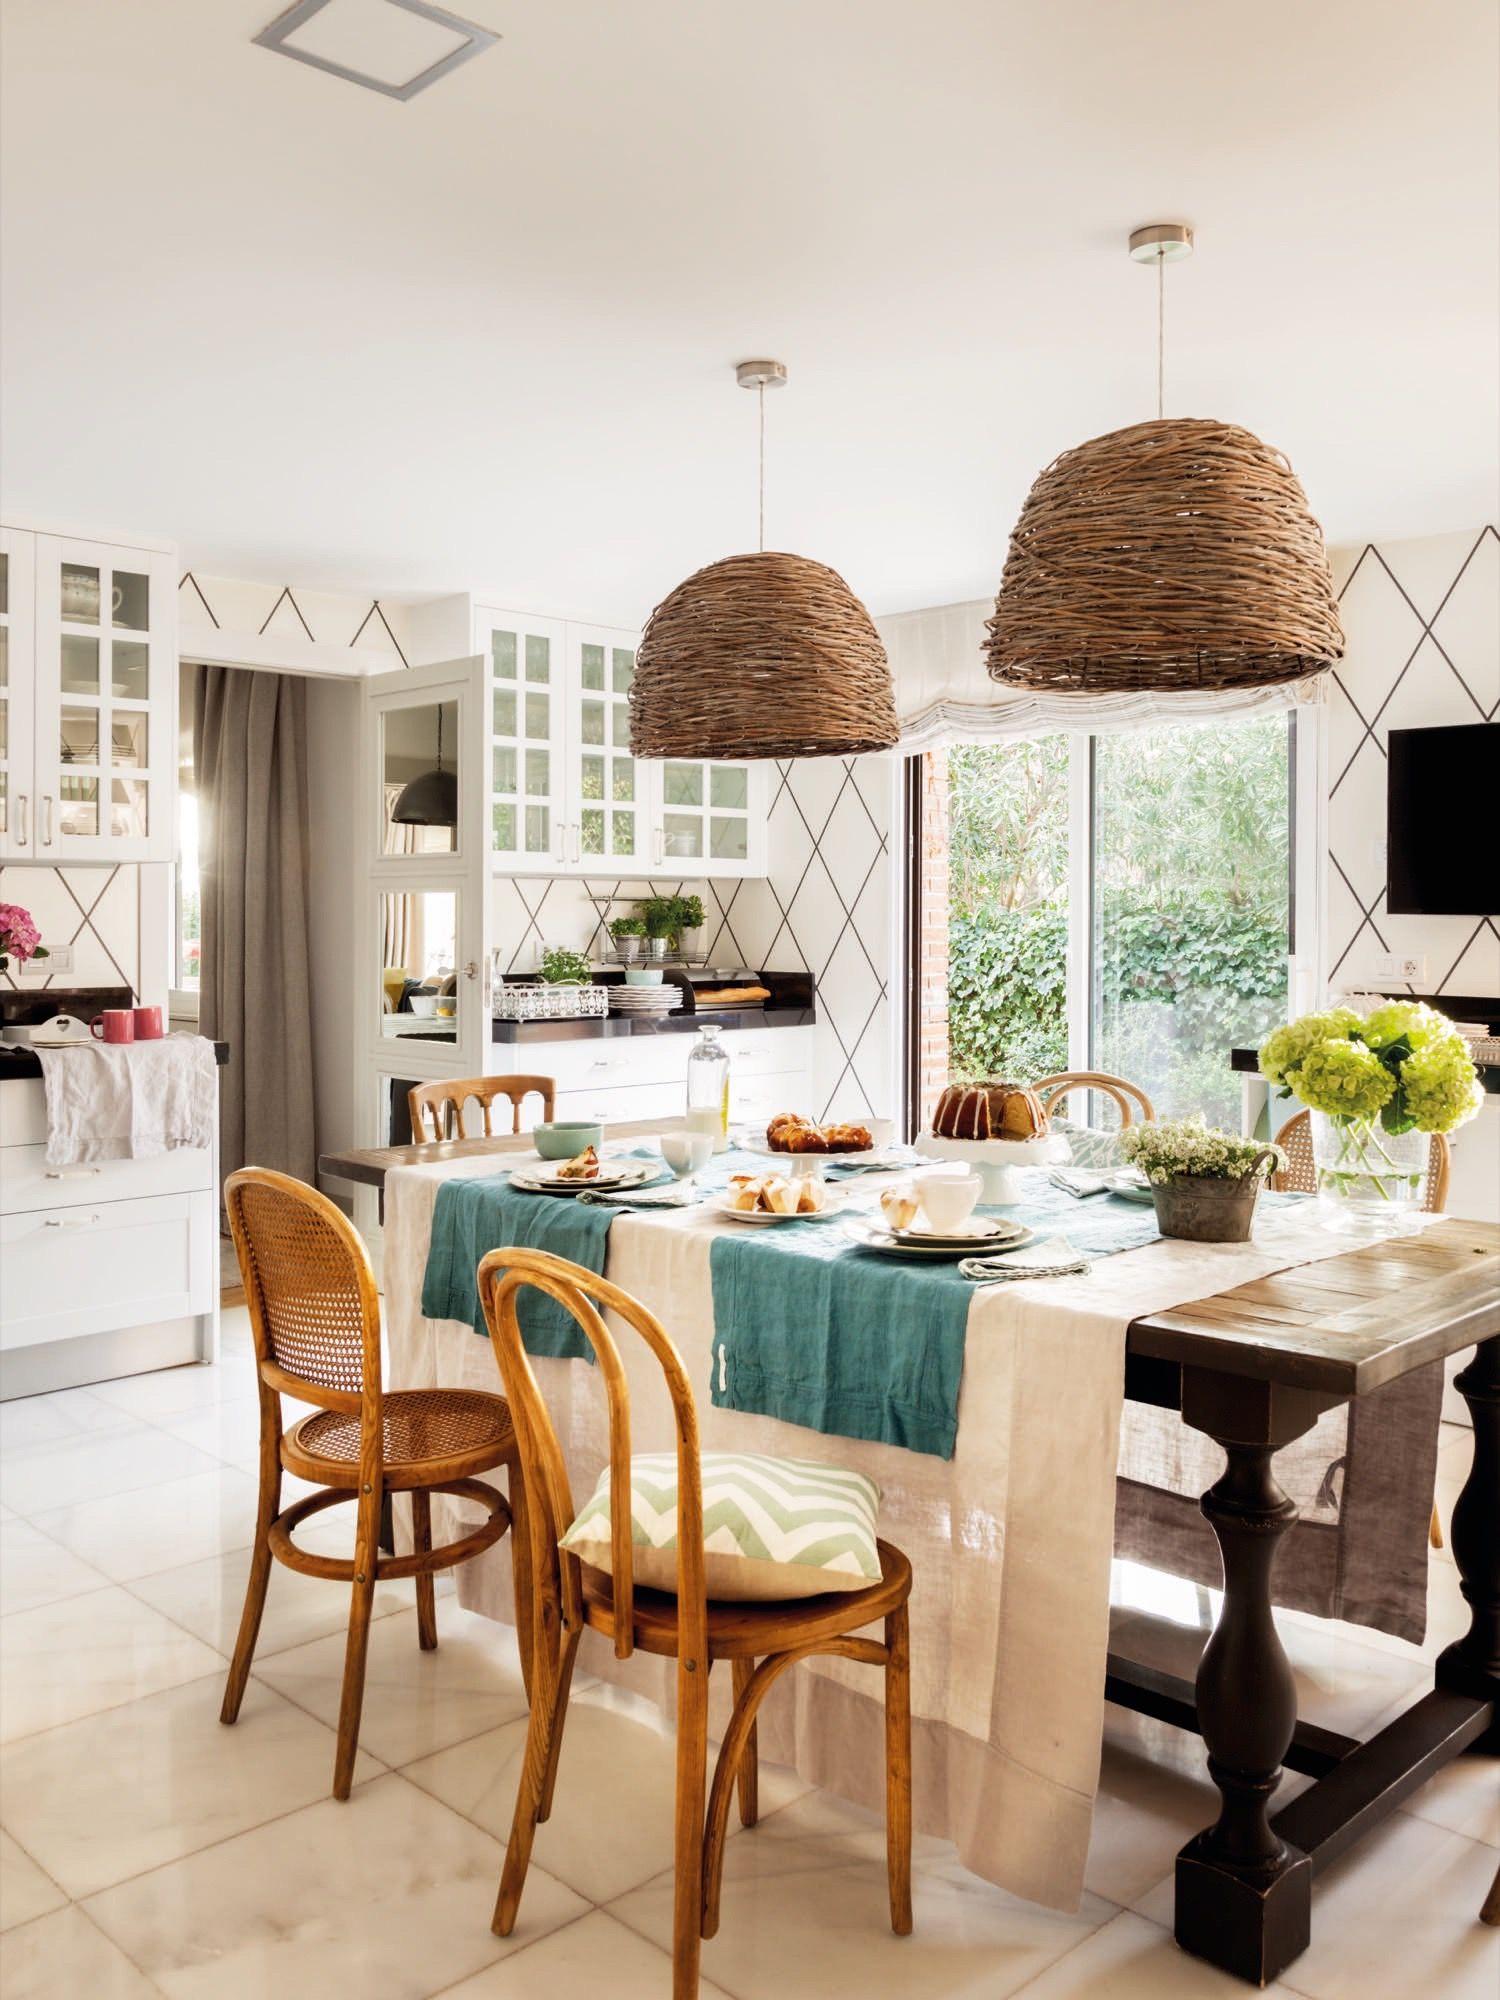 Cocina con papeles pintados de rombos y gran mesa rustica en el ...